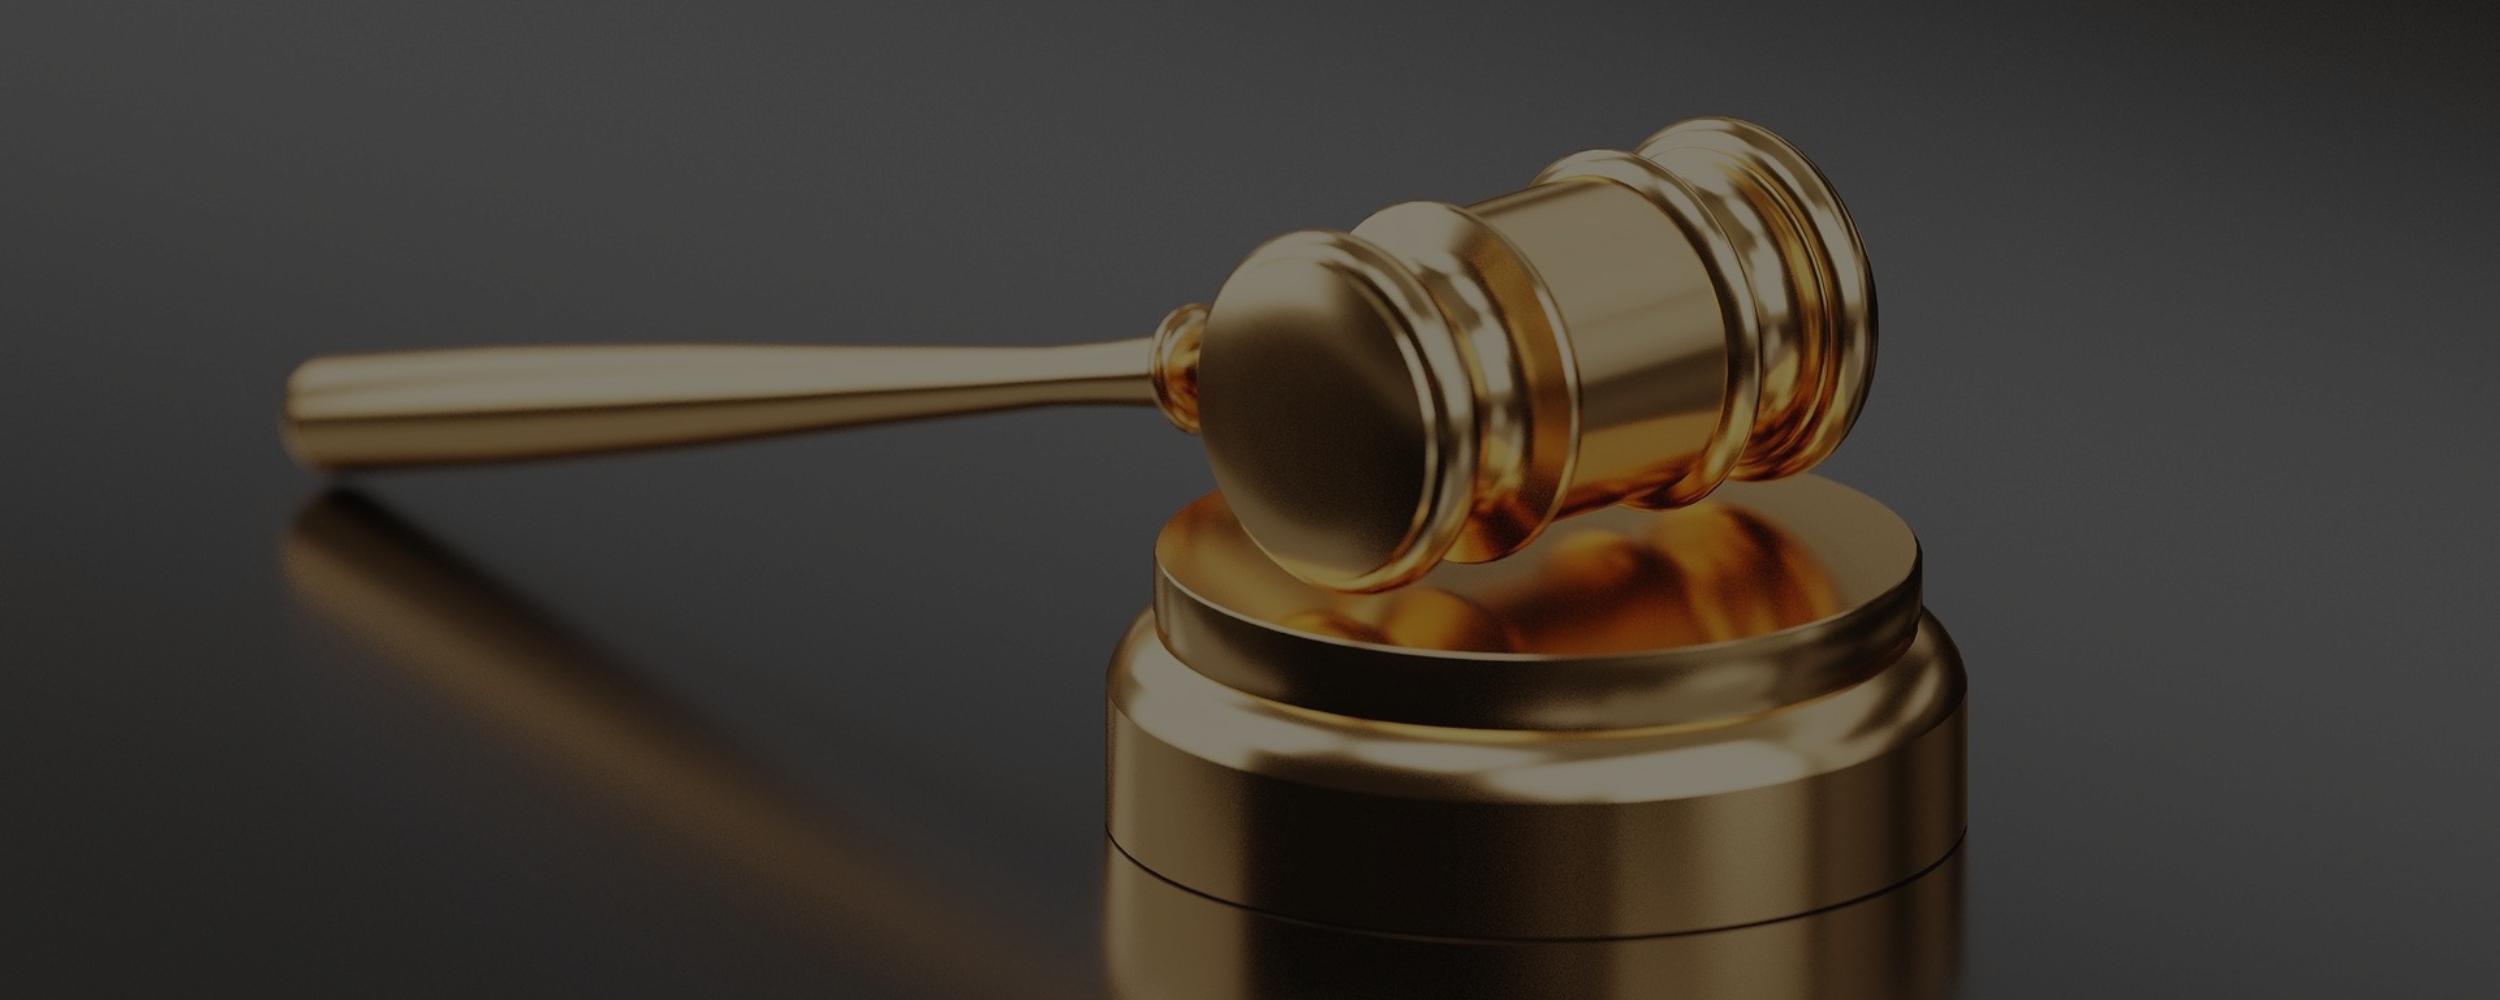 El Tribunal Supremo impone a la banca la devolución del 100% de los gastos de gestoría